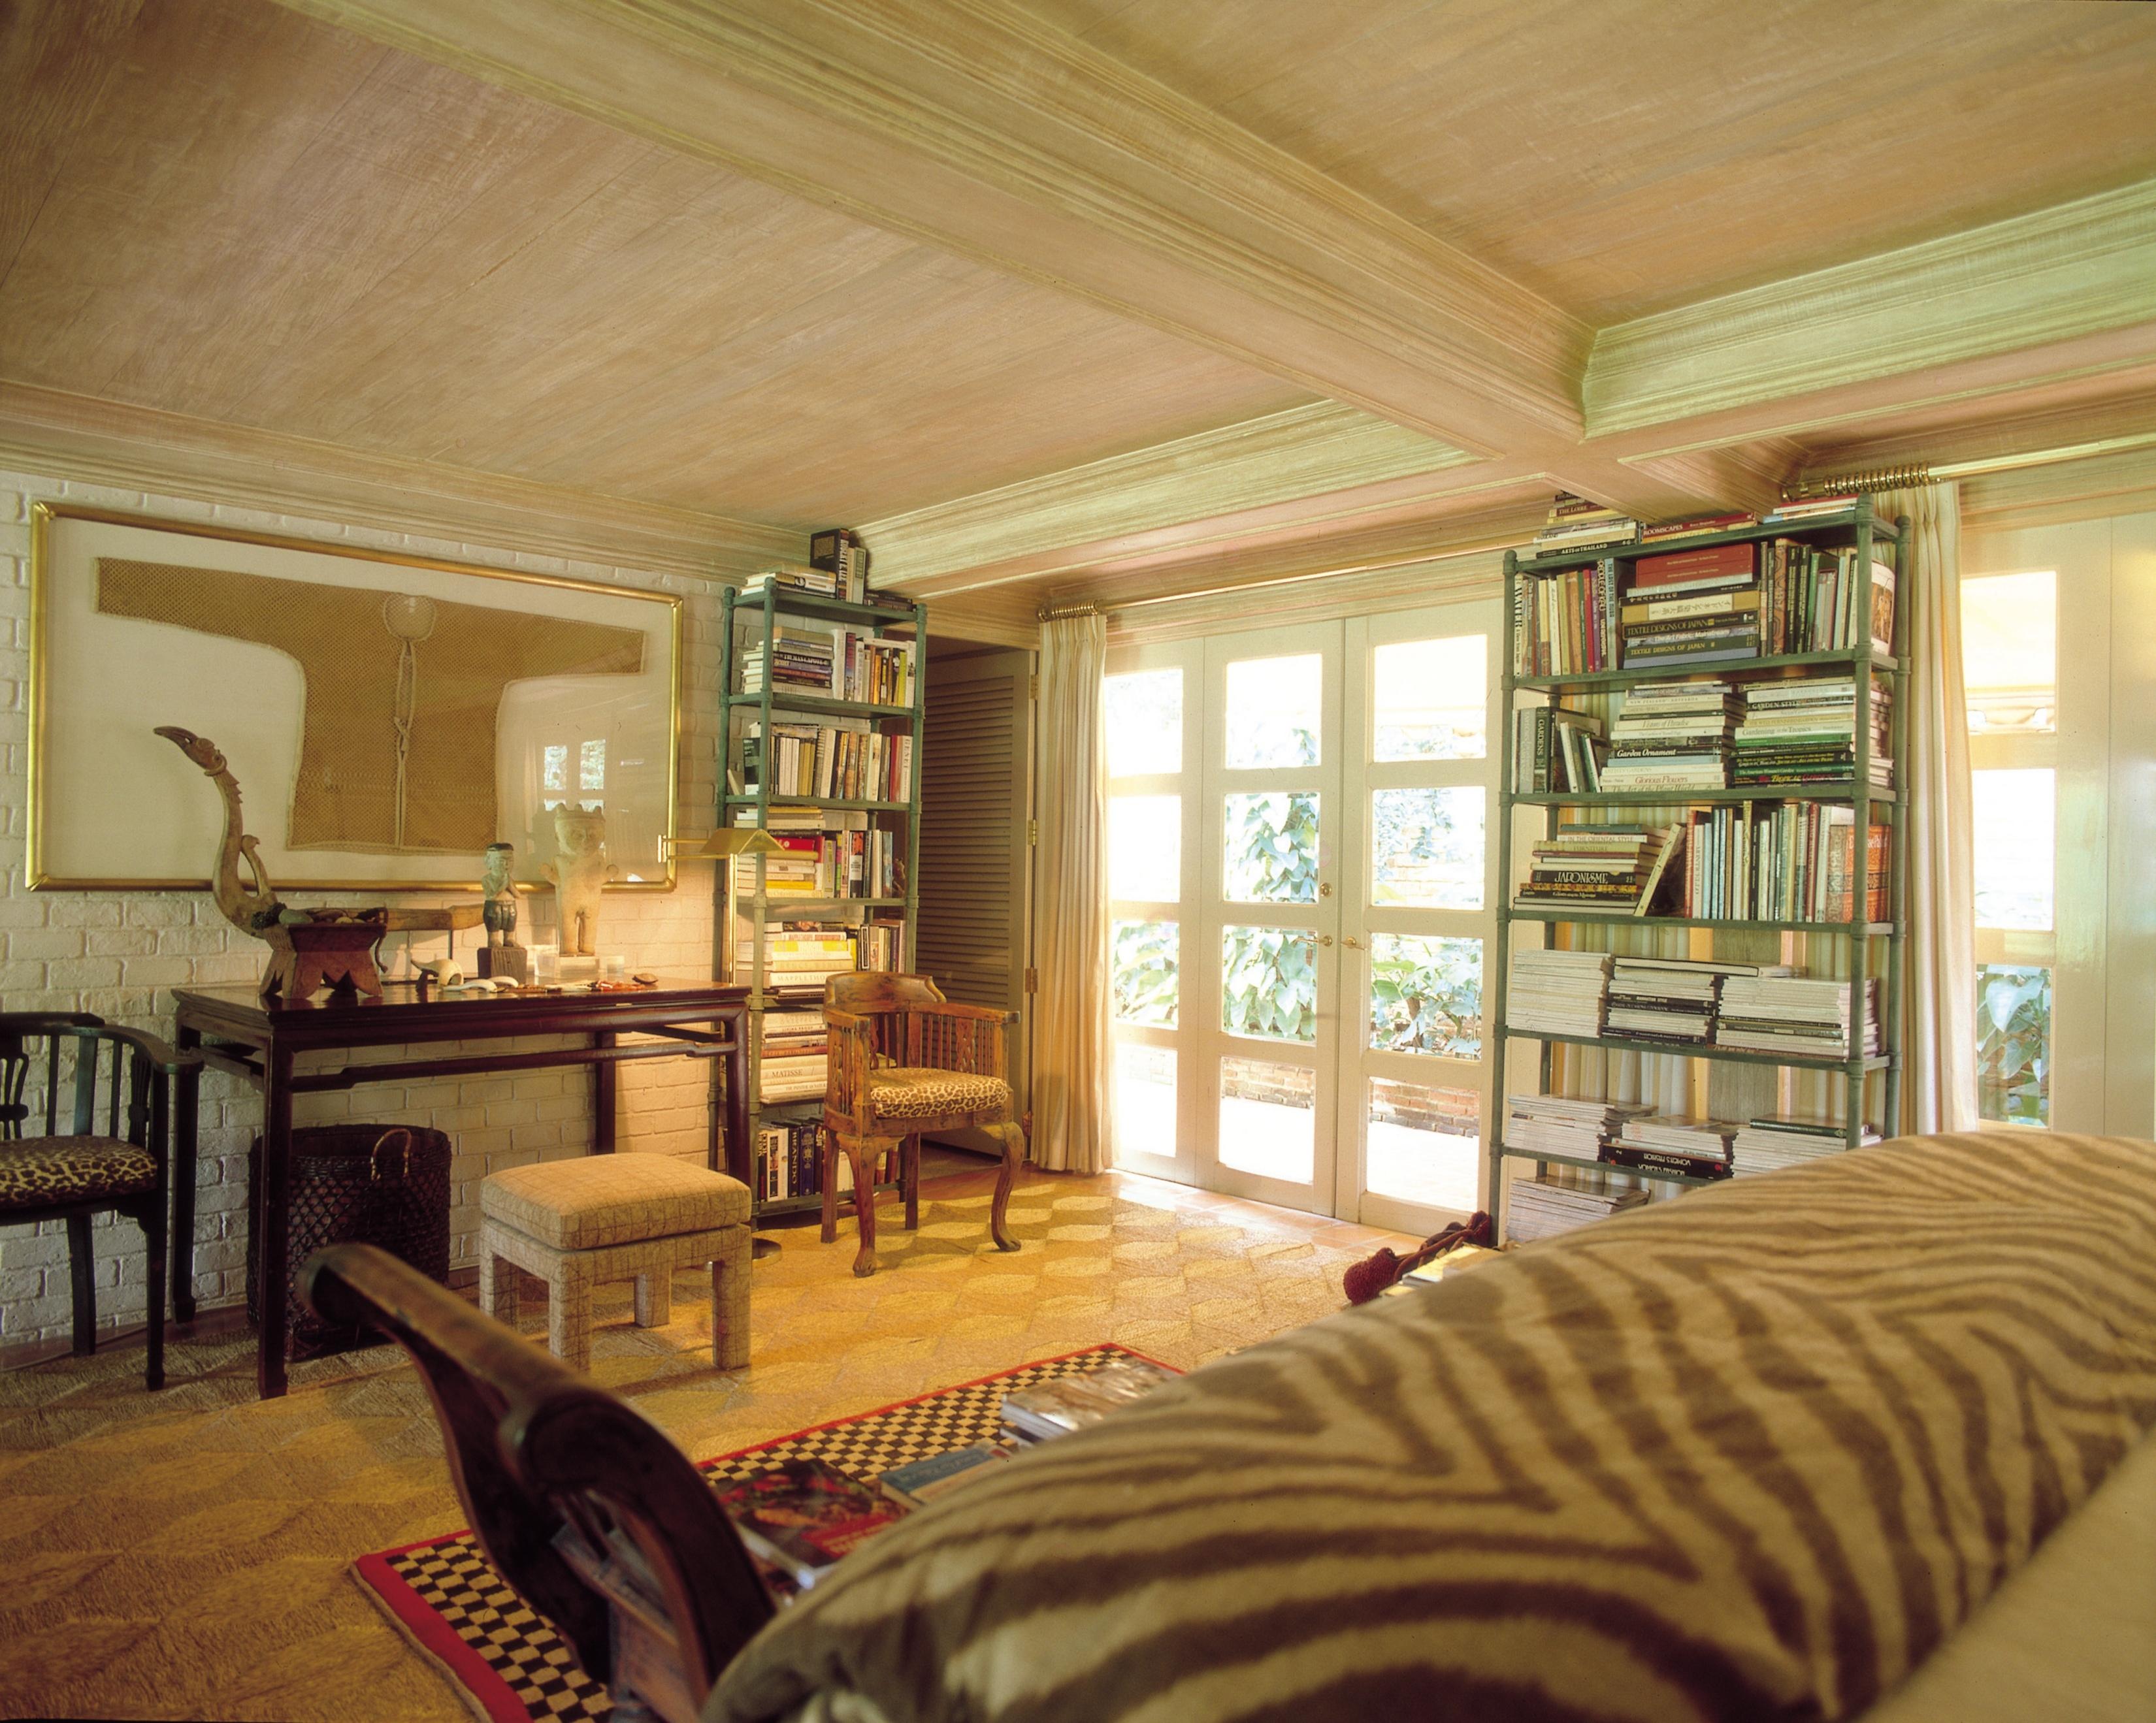 Cómo organizar los libros en un estante de manera decorativa |